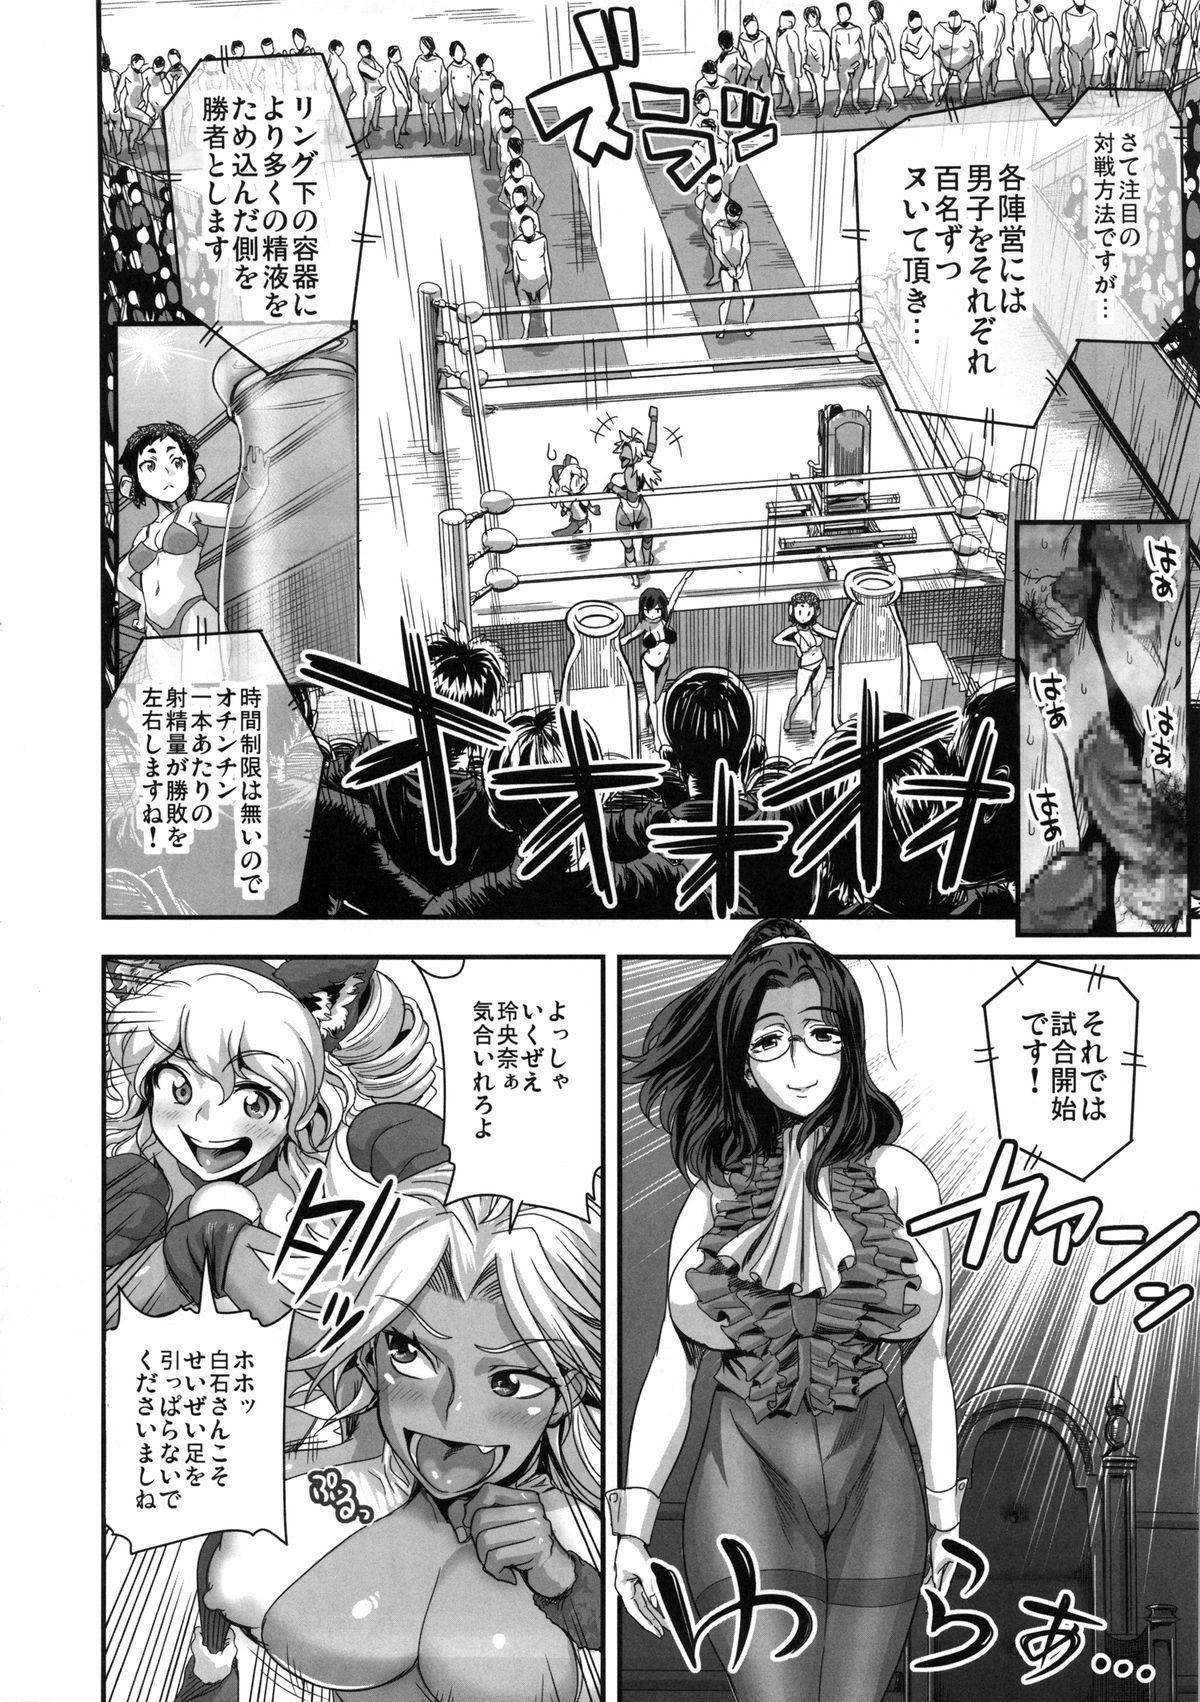 Energy Kyo-ka!! Soushuuhen 2 Manguri Hen 26